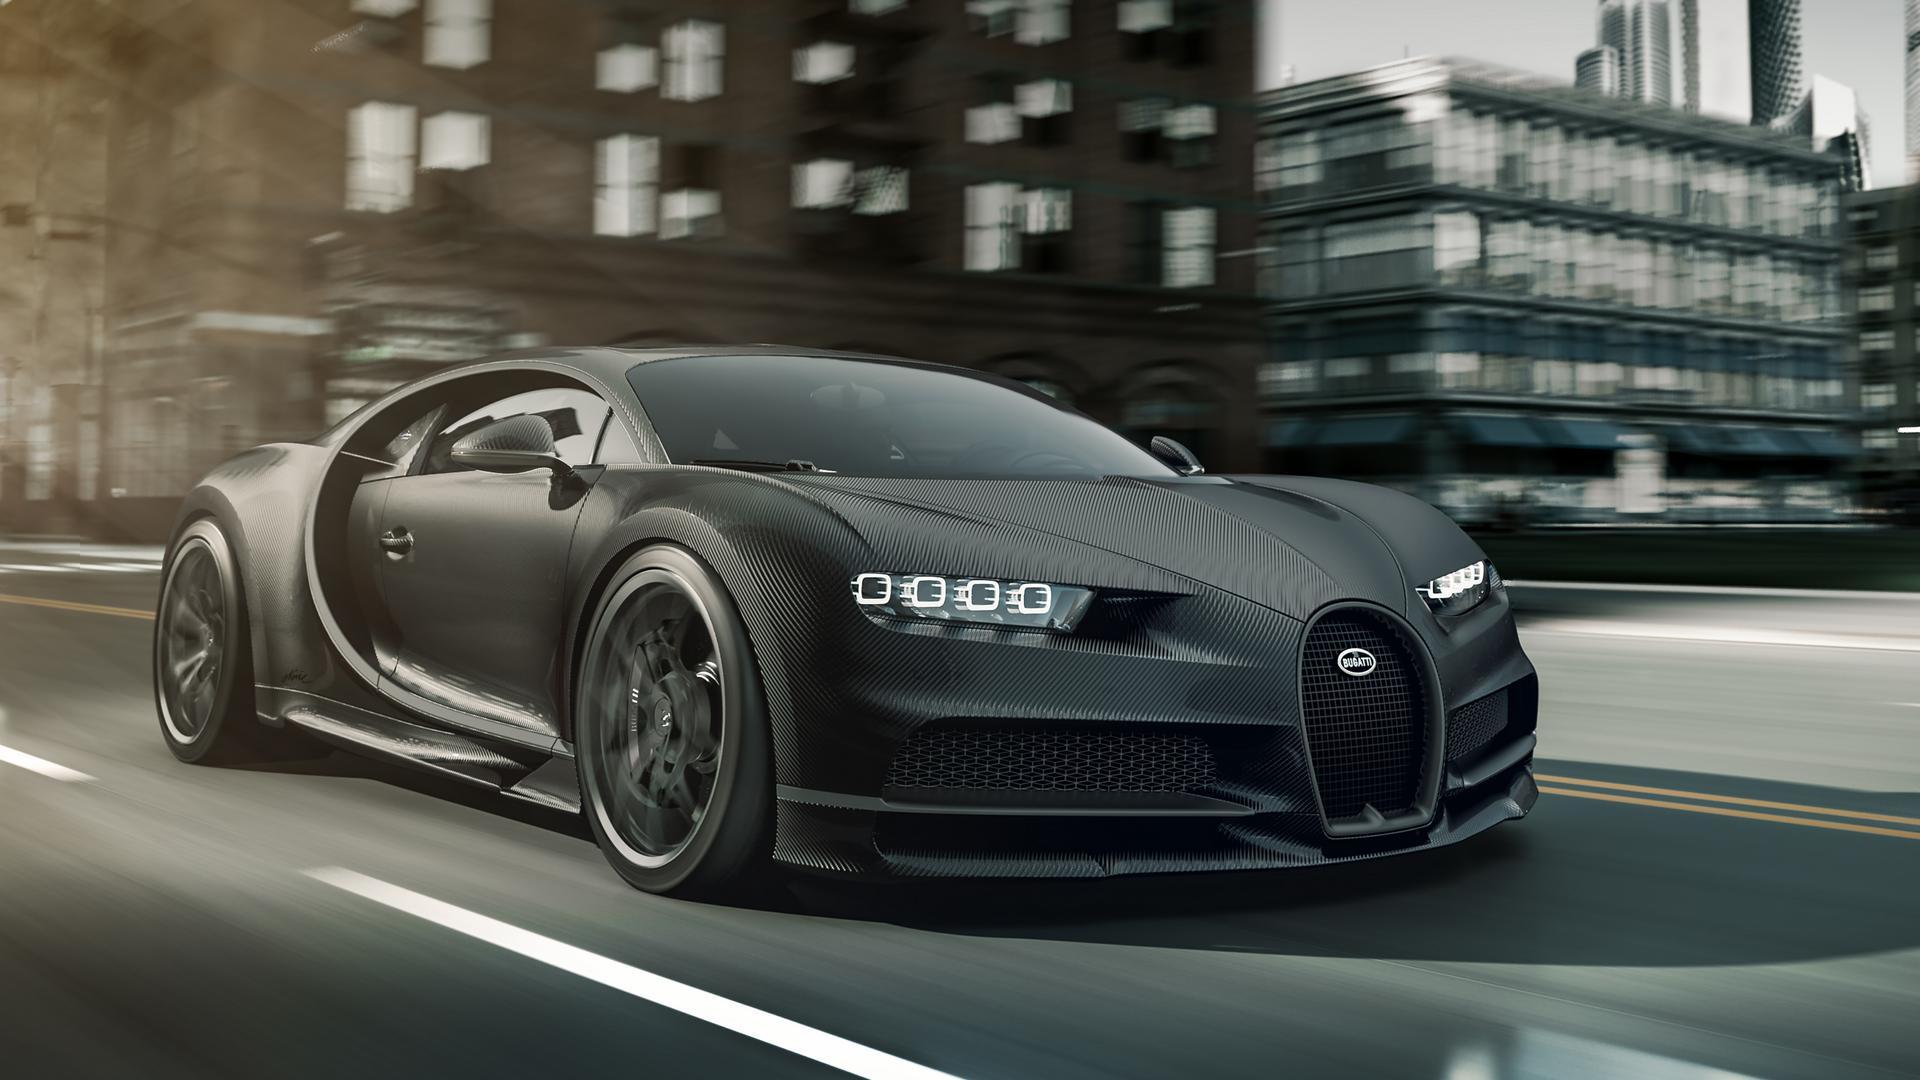 Bugatti Chiron Noire is Bugatti's Monochrome Limited Edition